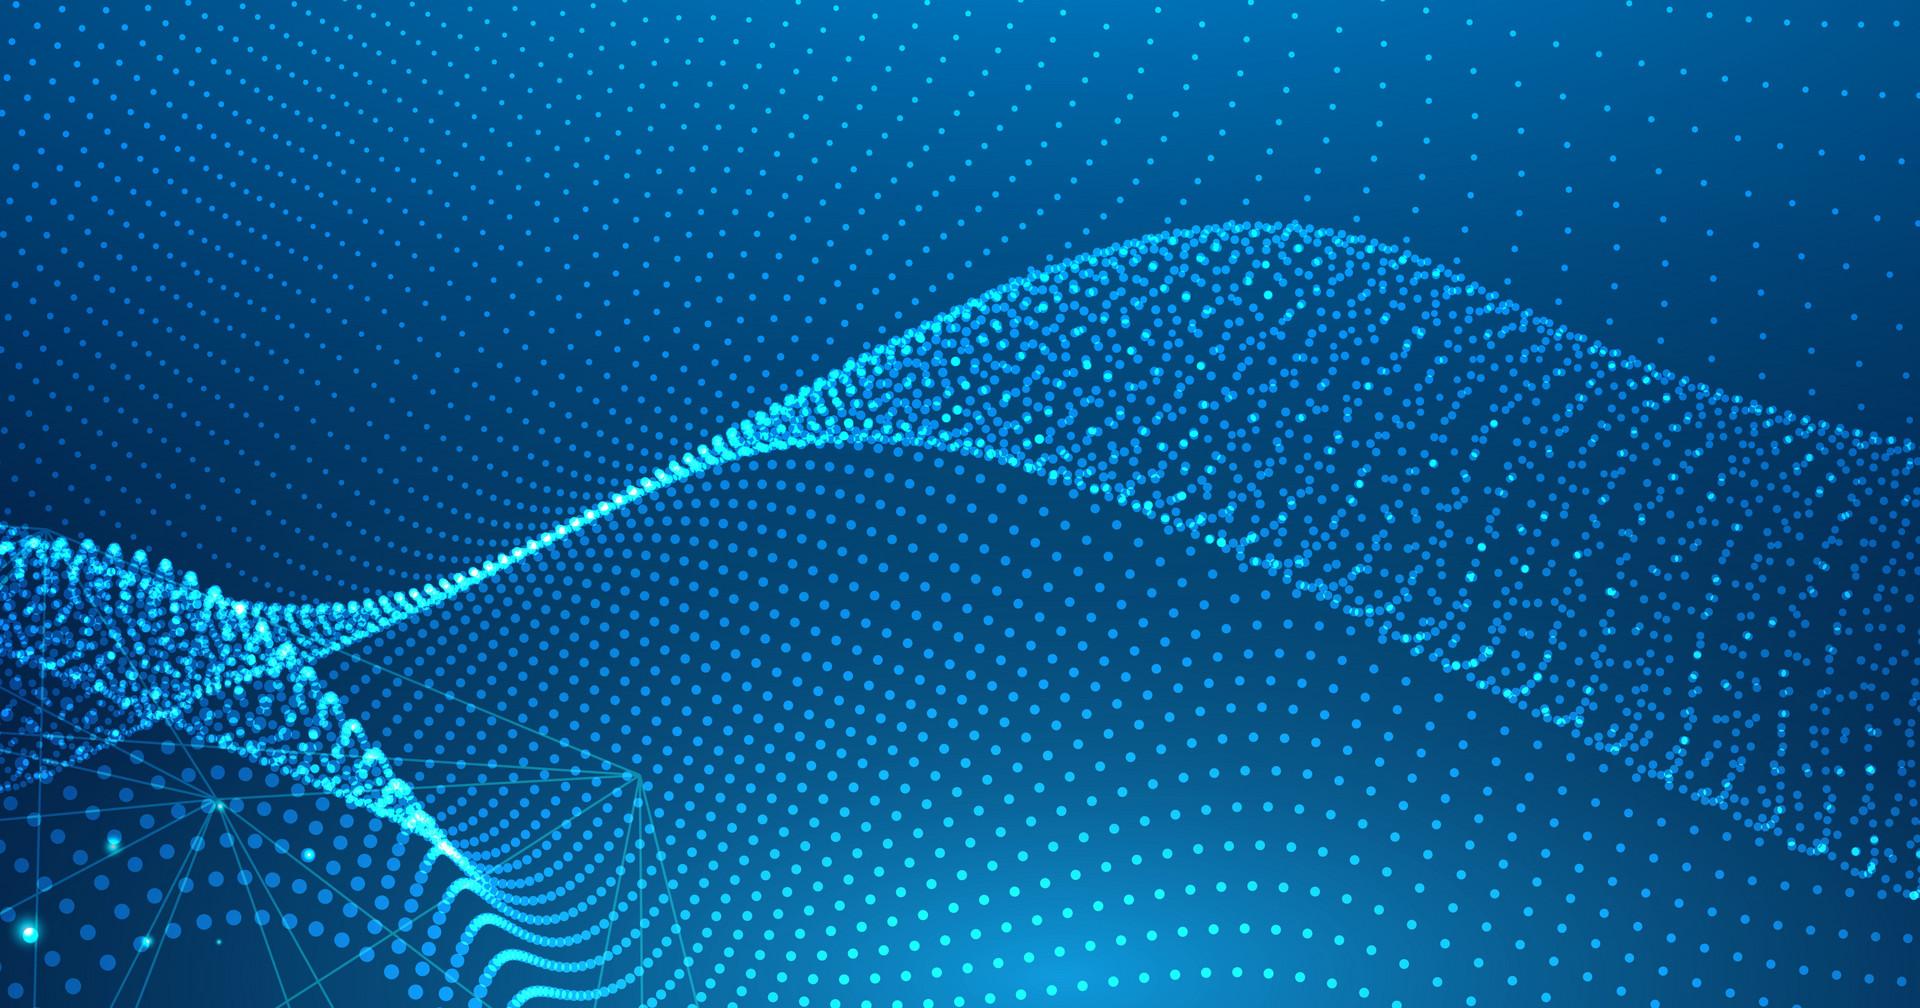 在钻石中保存量子态:迈向量子互联网的一小步